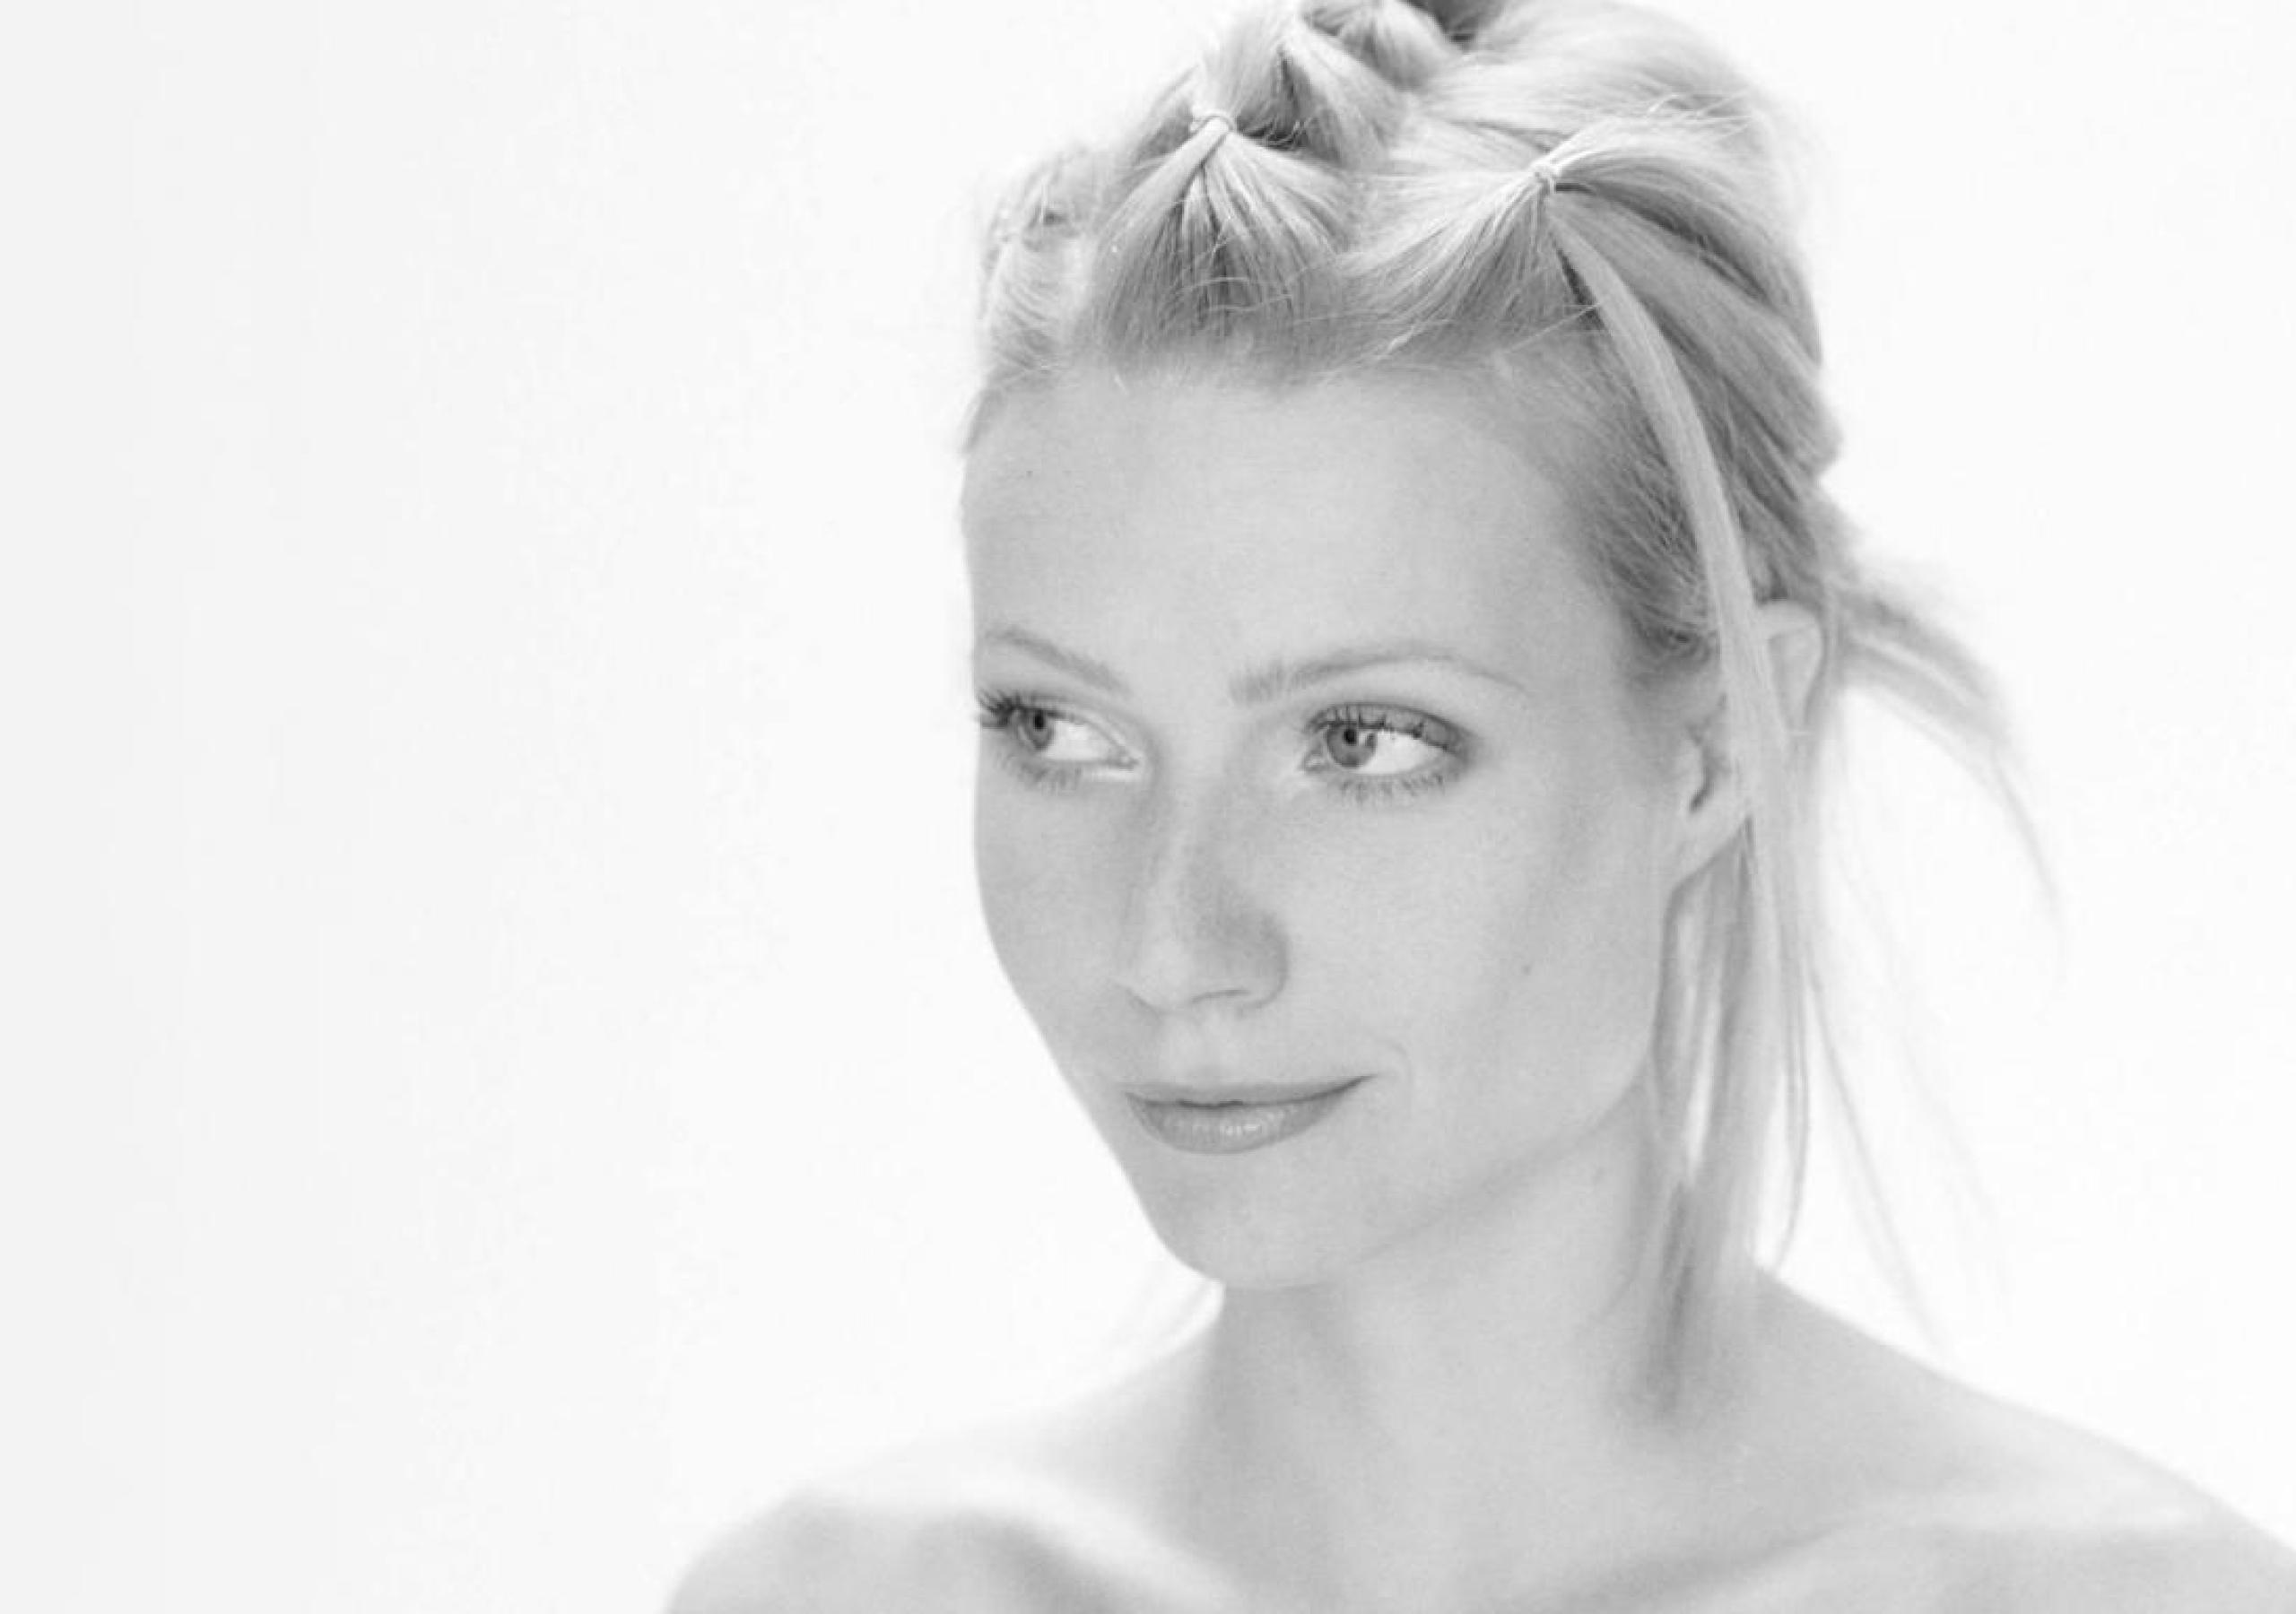 Topless gwyneth paltrow Gwyneth Paltrow,